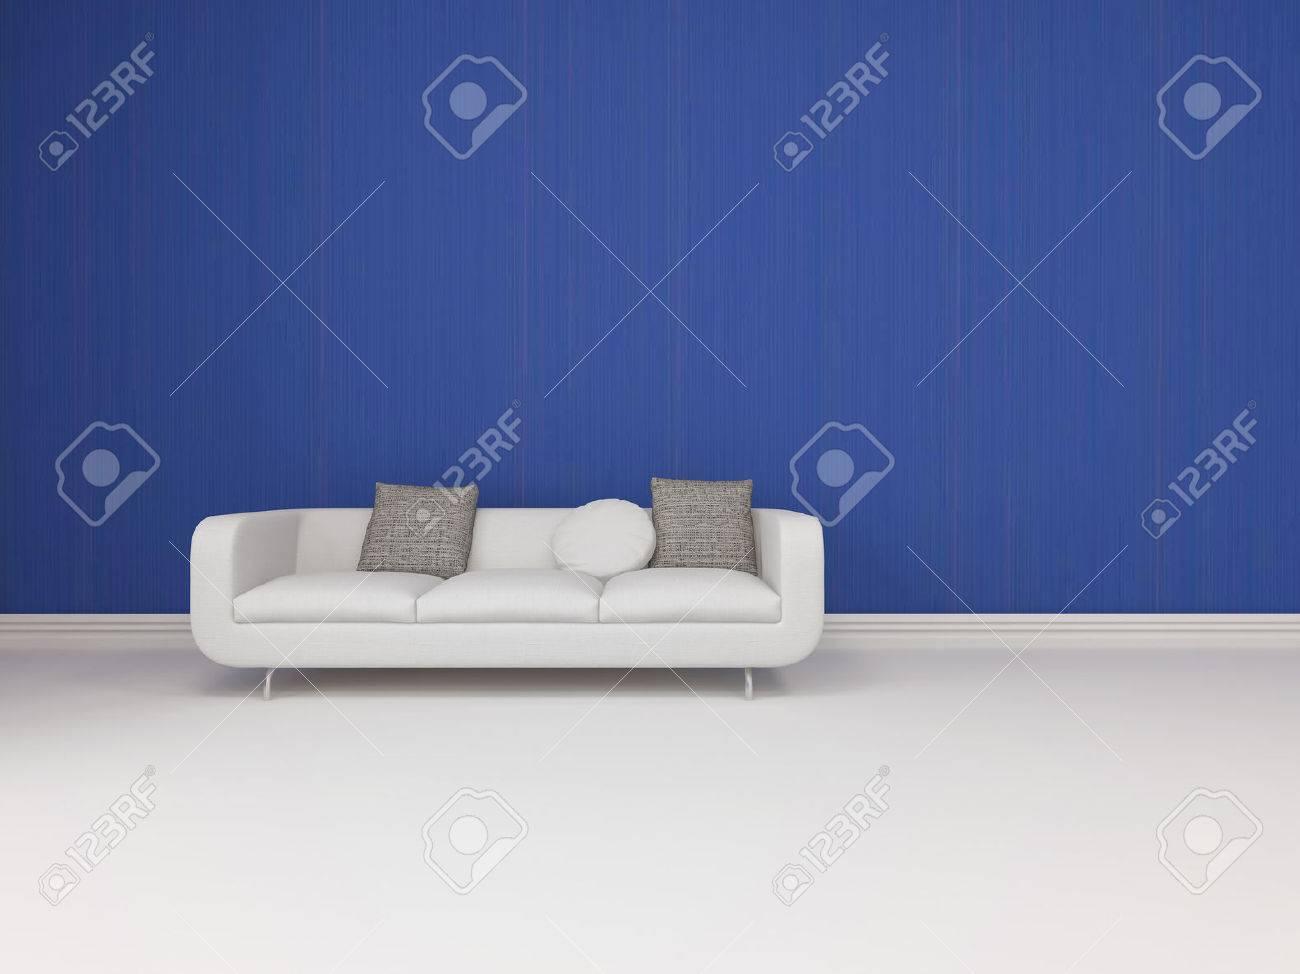 Blanc Canape Moderne Avec Coussins Gris Debout Sur Un Plancher Blanc